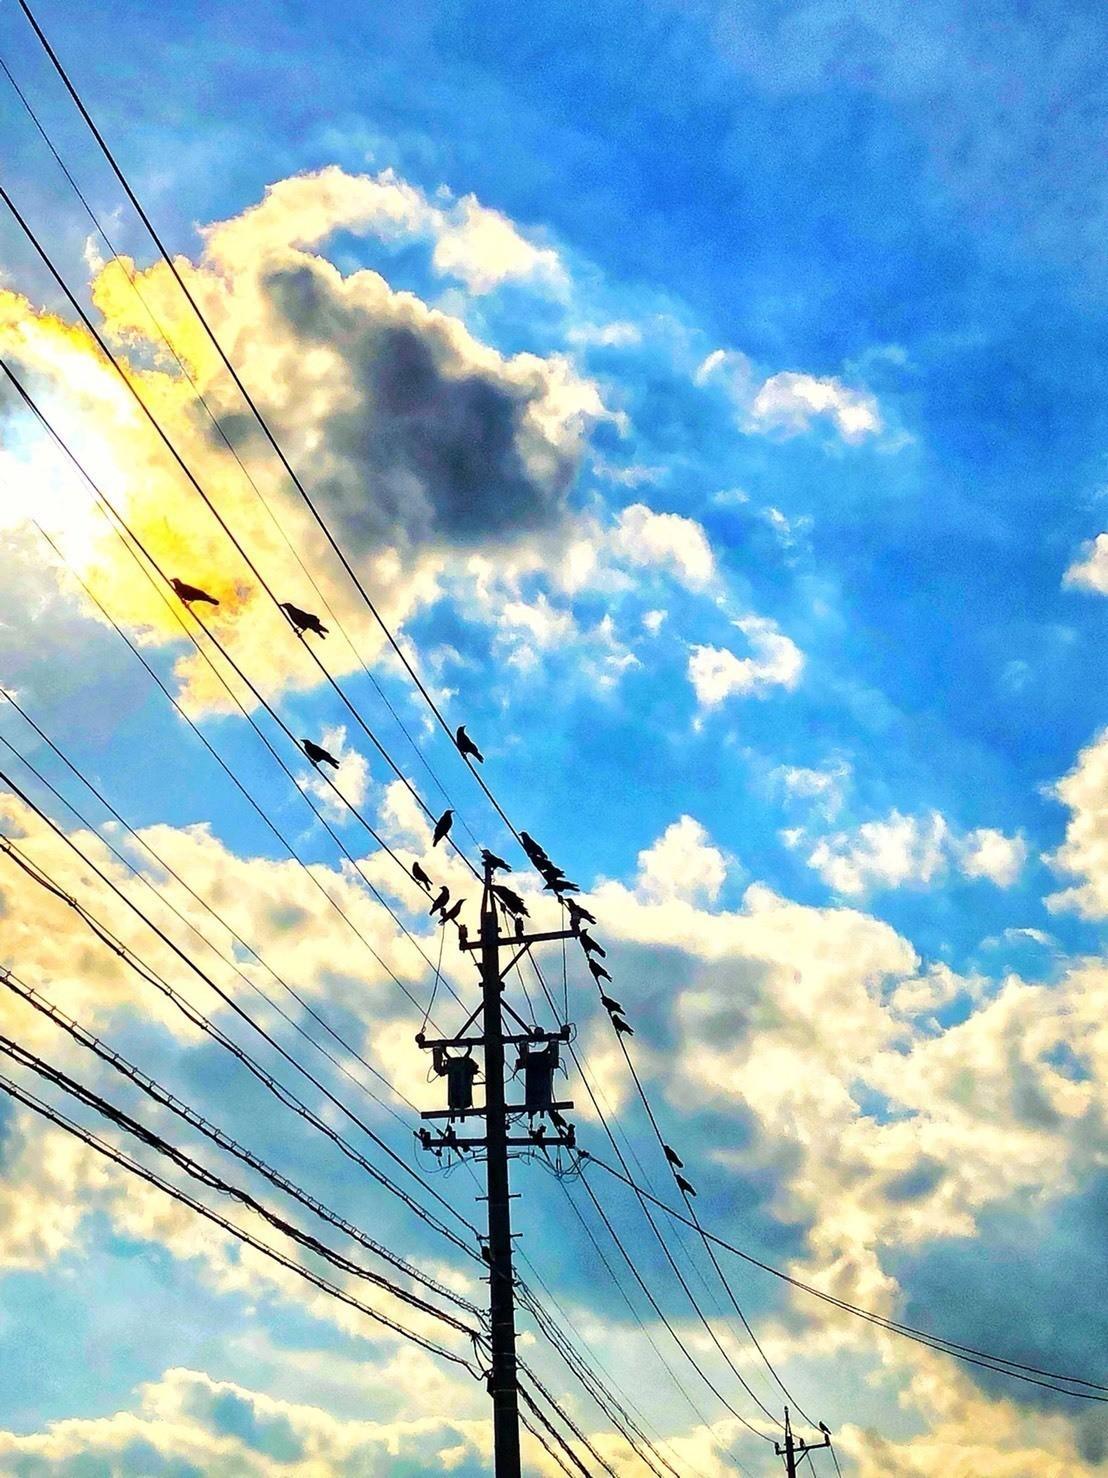 電線にとまるカラスを撮っただけなのに……。少し神々しい写真が撮れた……未完。